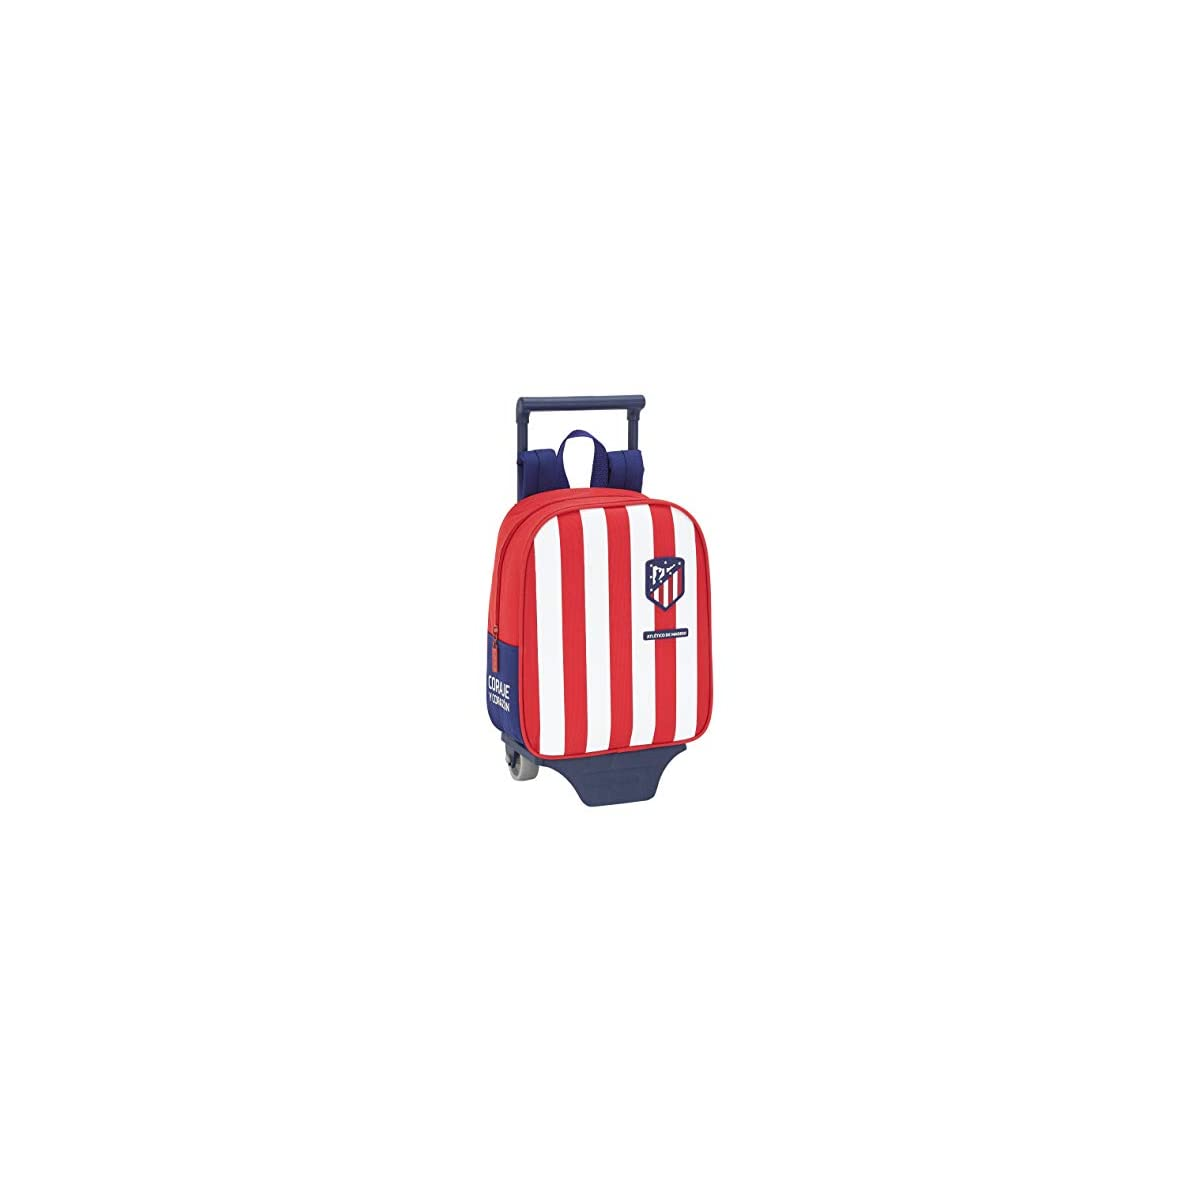 41xB0AbDtKL. SS1200  - Mochila Guardería de Atlético de Madrid Oficial con Carro Safta, 220x100x270mm